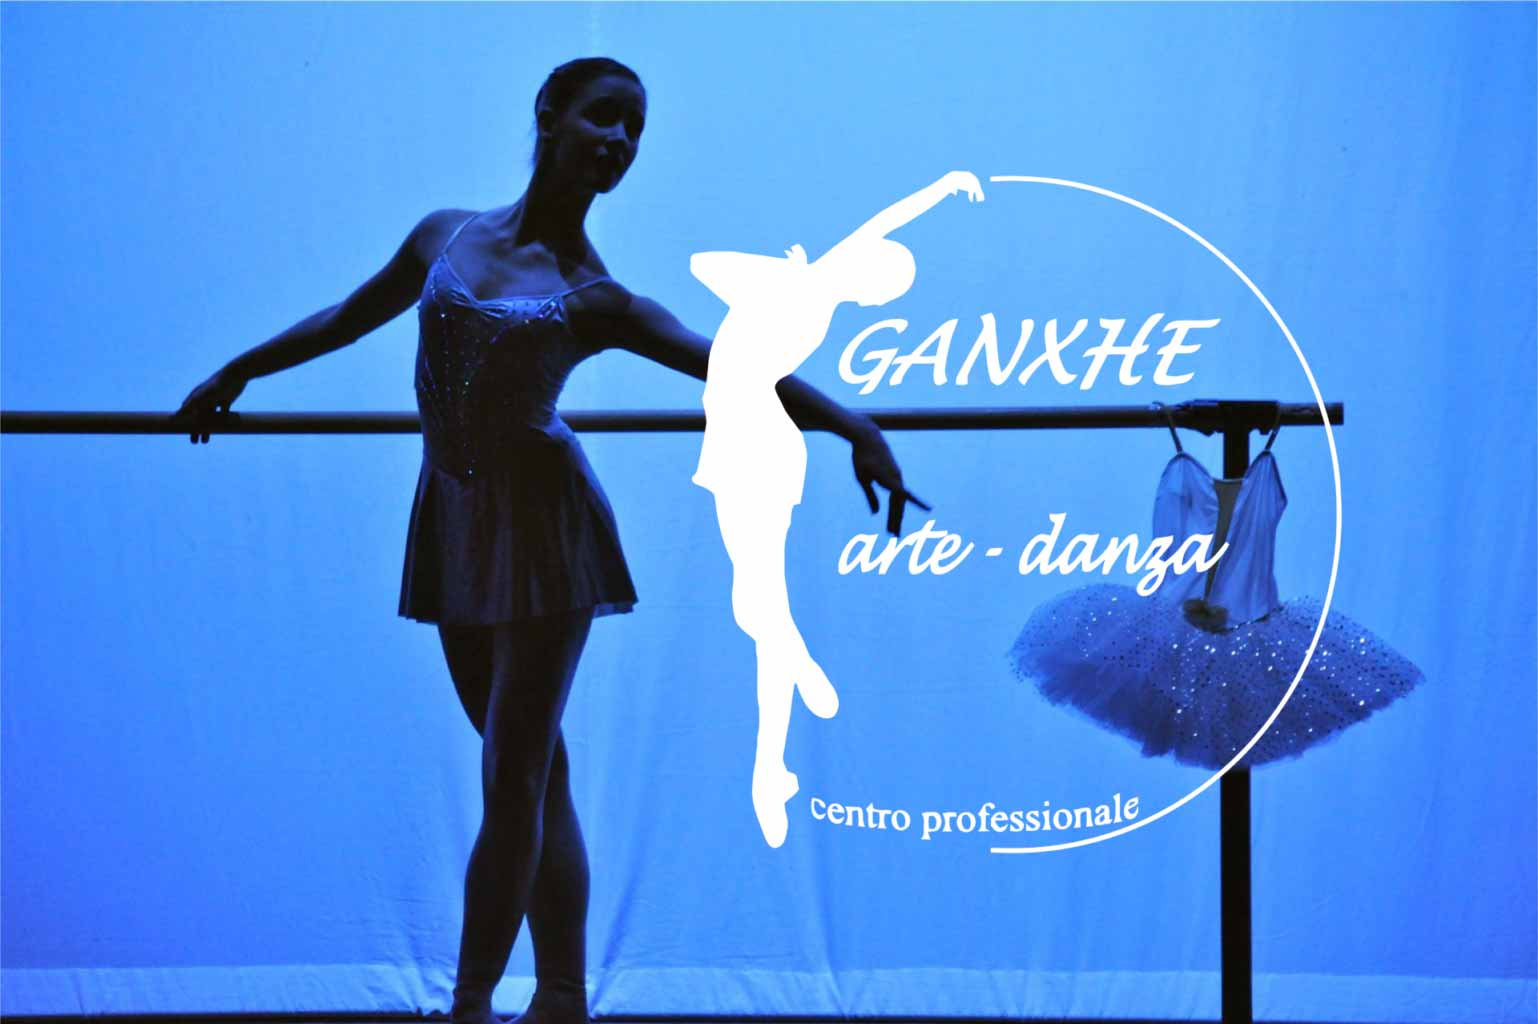 Ganxhe Arte Danza